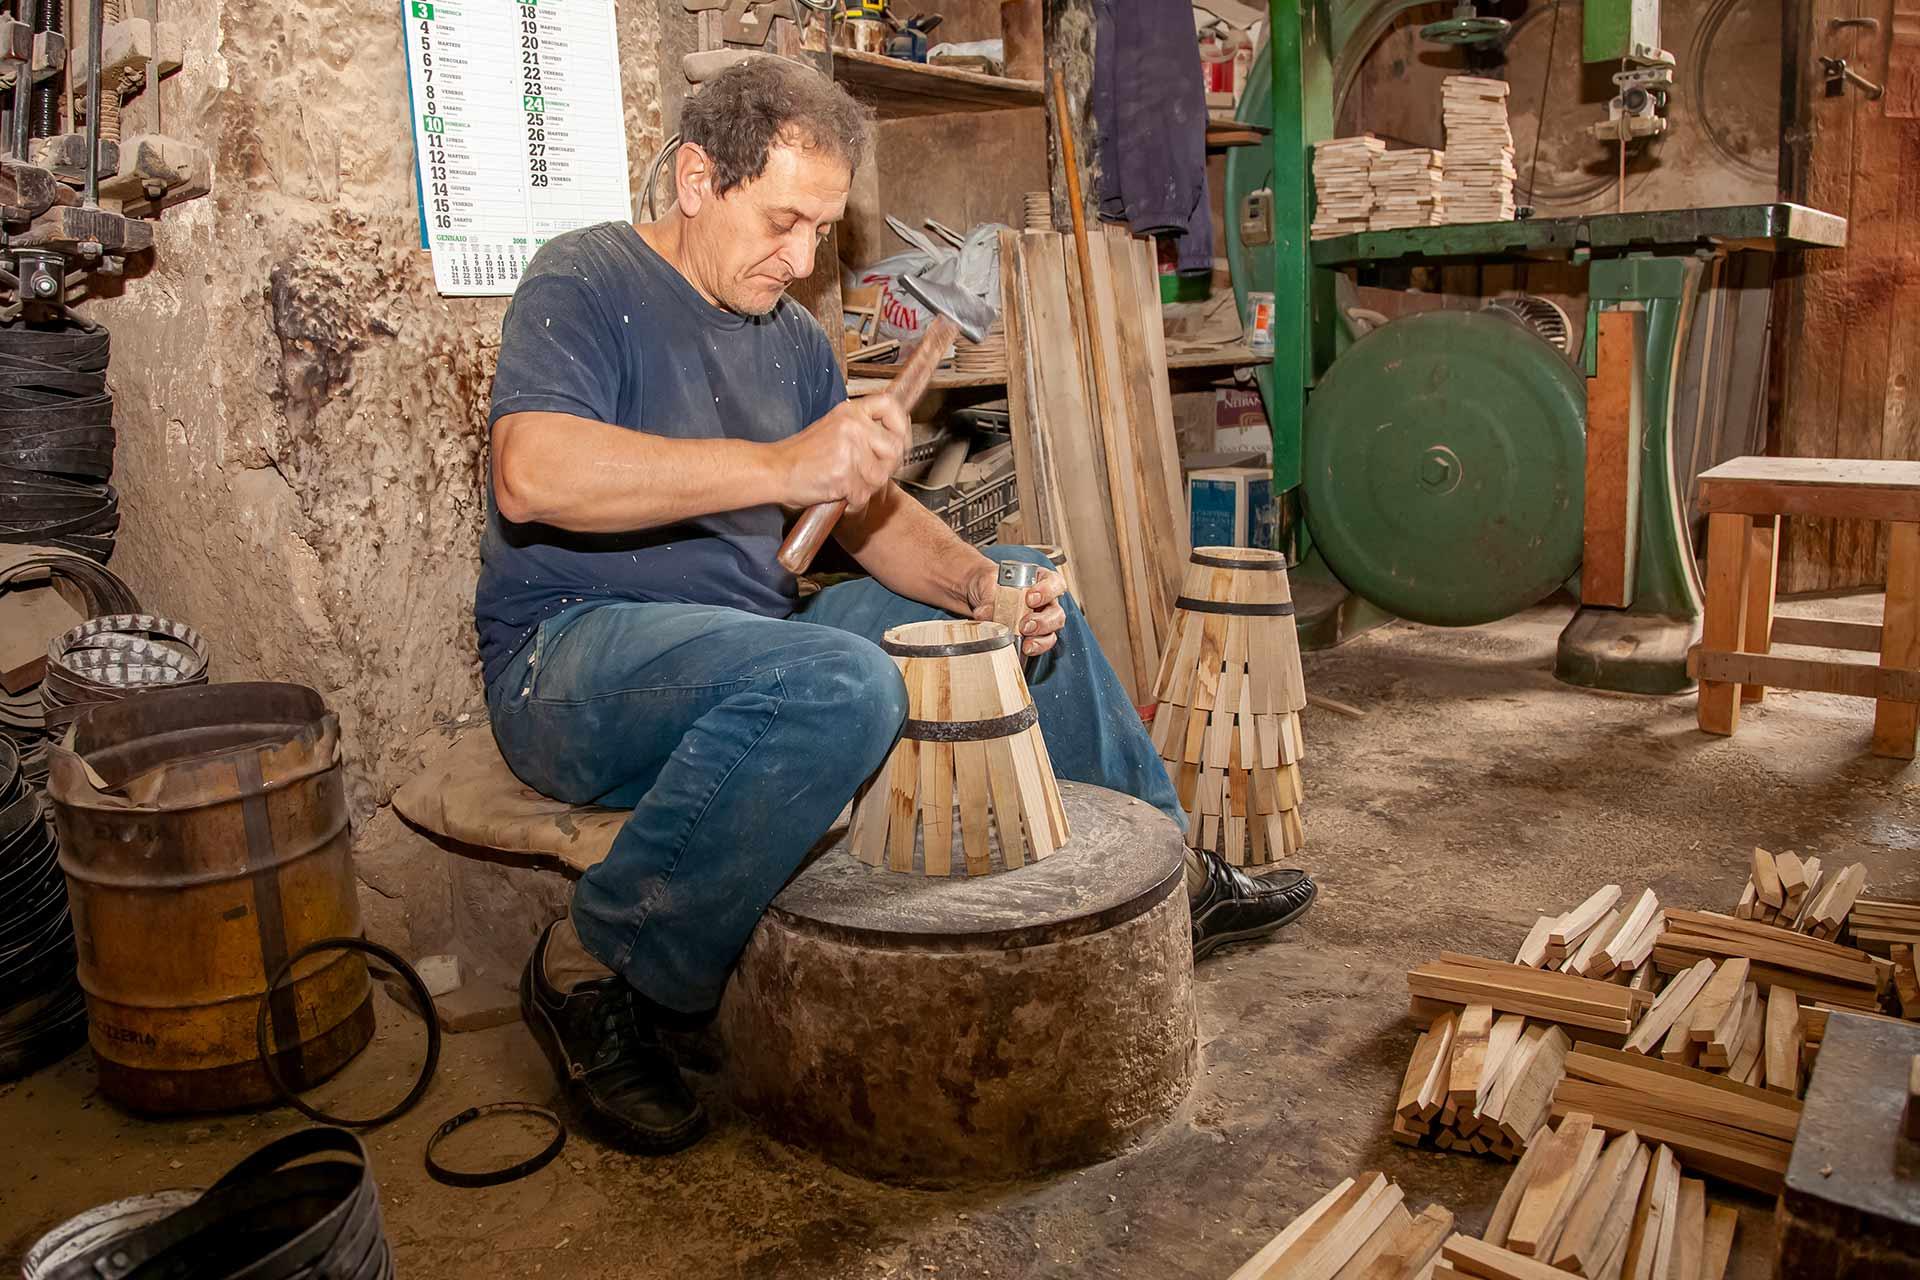 Tutto il lavoro, per la realizzazione delle piccole botti da 5 lt per il vino marsala, veniva svolto rigorosamente a mano dai due fratelli.